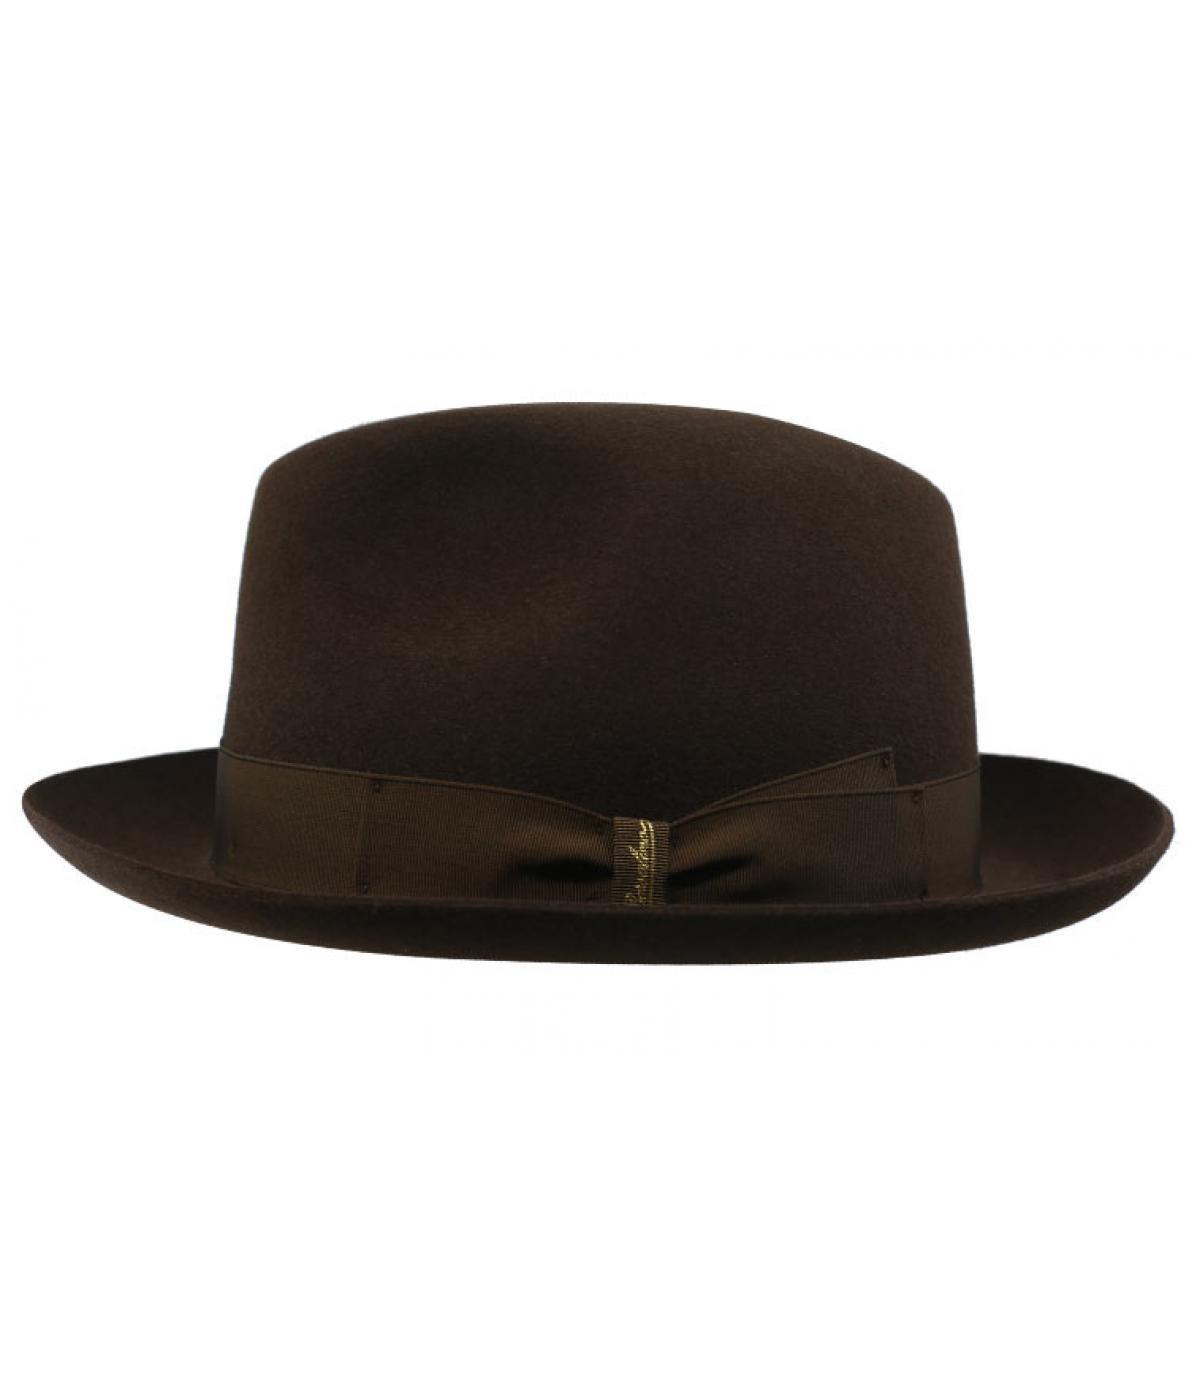 Detalles Marengo brown Fur Felt Hat imagen 2